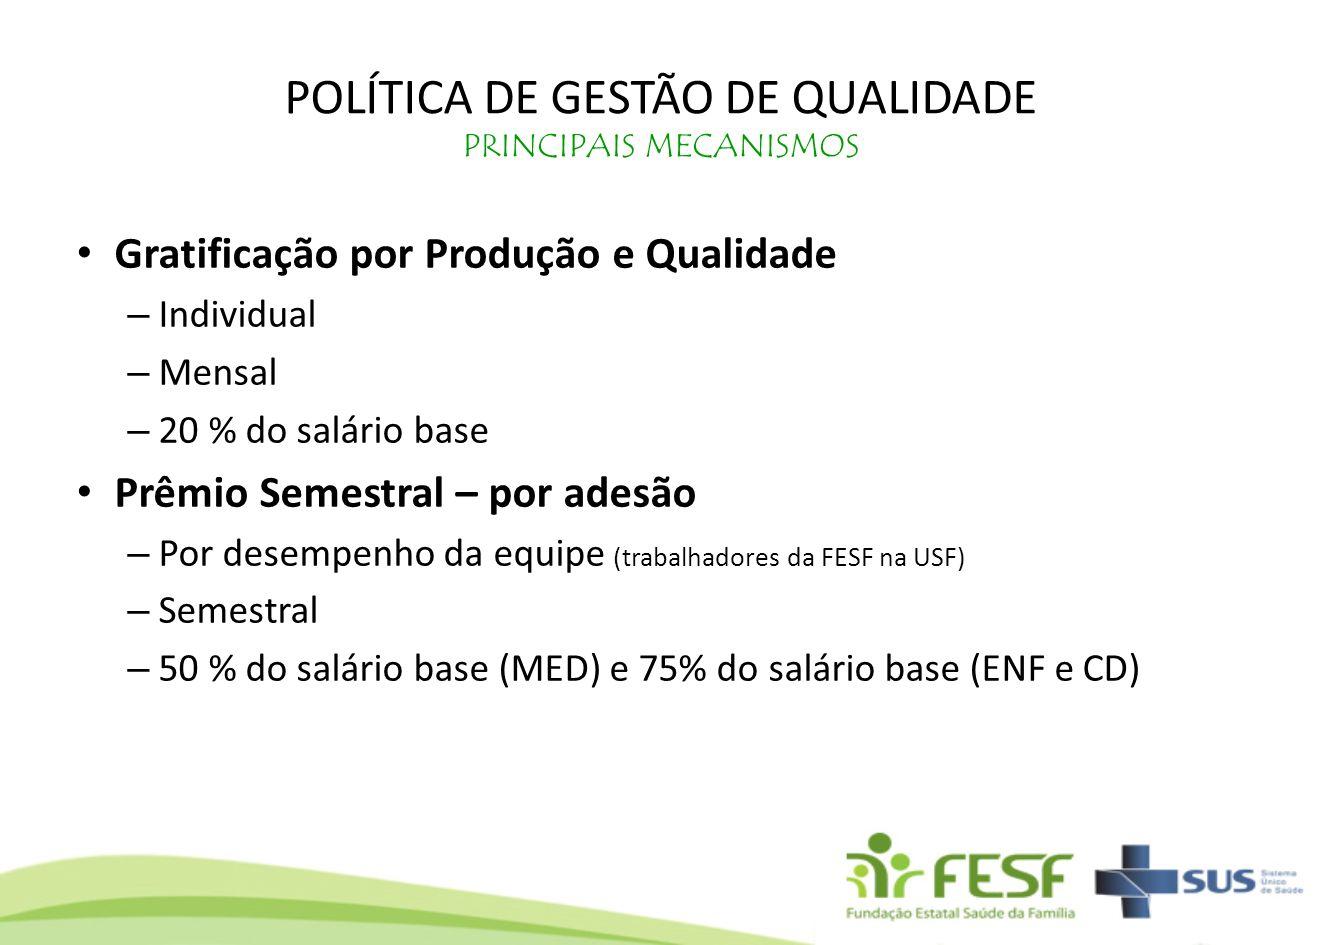 POLÍTICA DE GESTÃO DE QUALIDADE PRINCIPAIS MECANISMOS